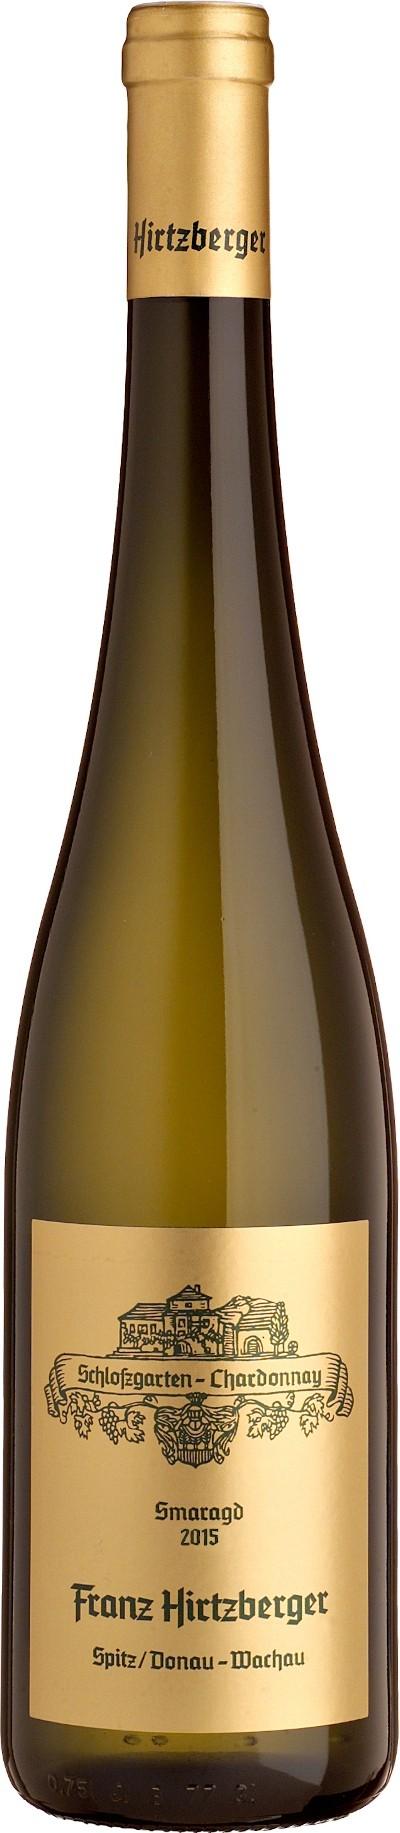 Hirtzberger - Chardonnay Smaragd Schlossgarten, 2018